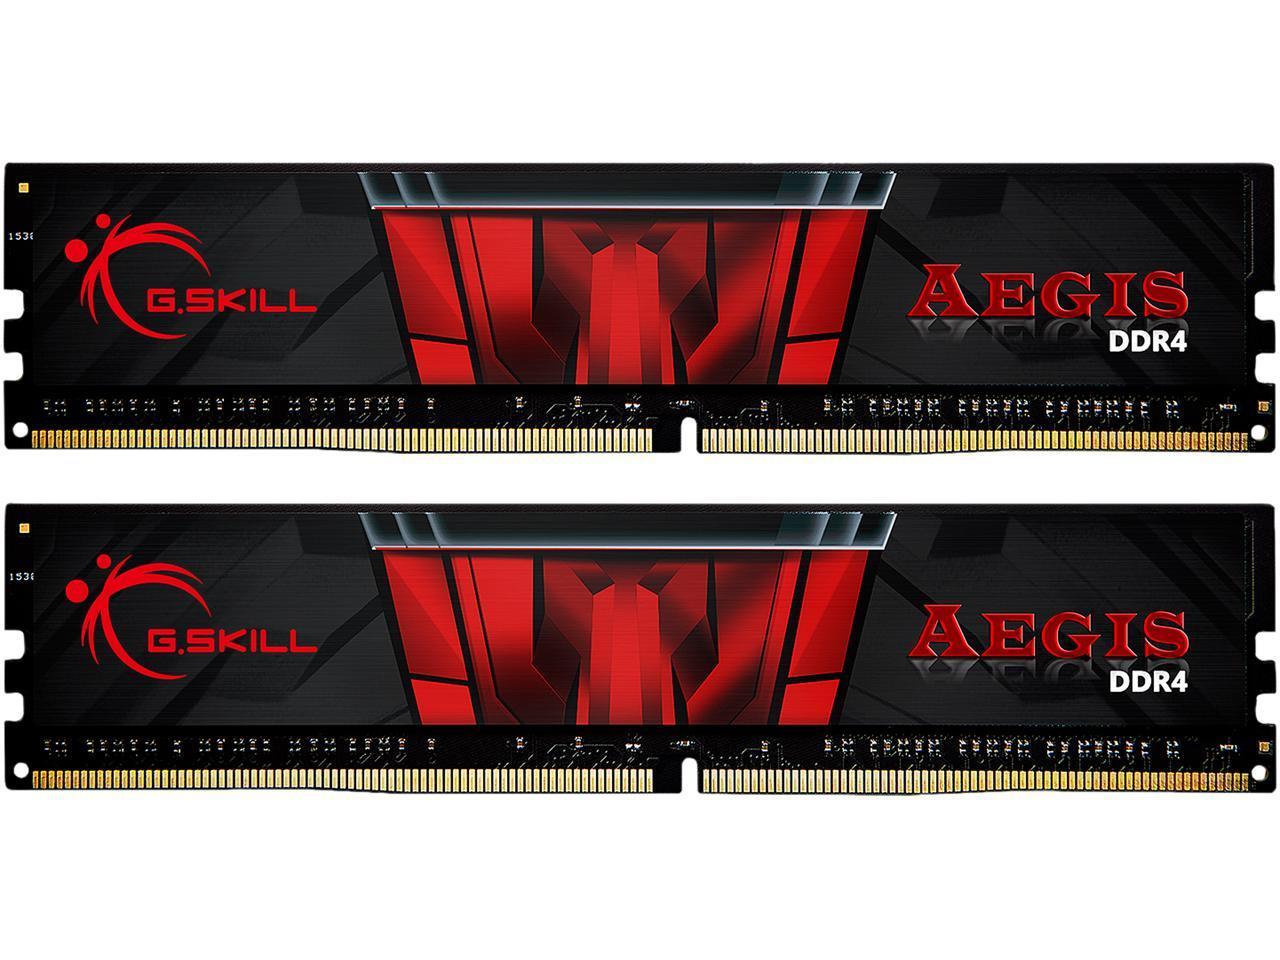 G.SKILL Aegis 16GB (2 x 8GB) 288-Pin DDR4 SDRAM DDR4 3200 (PC4 25600) Memory Kit $54.99